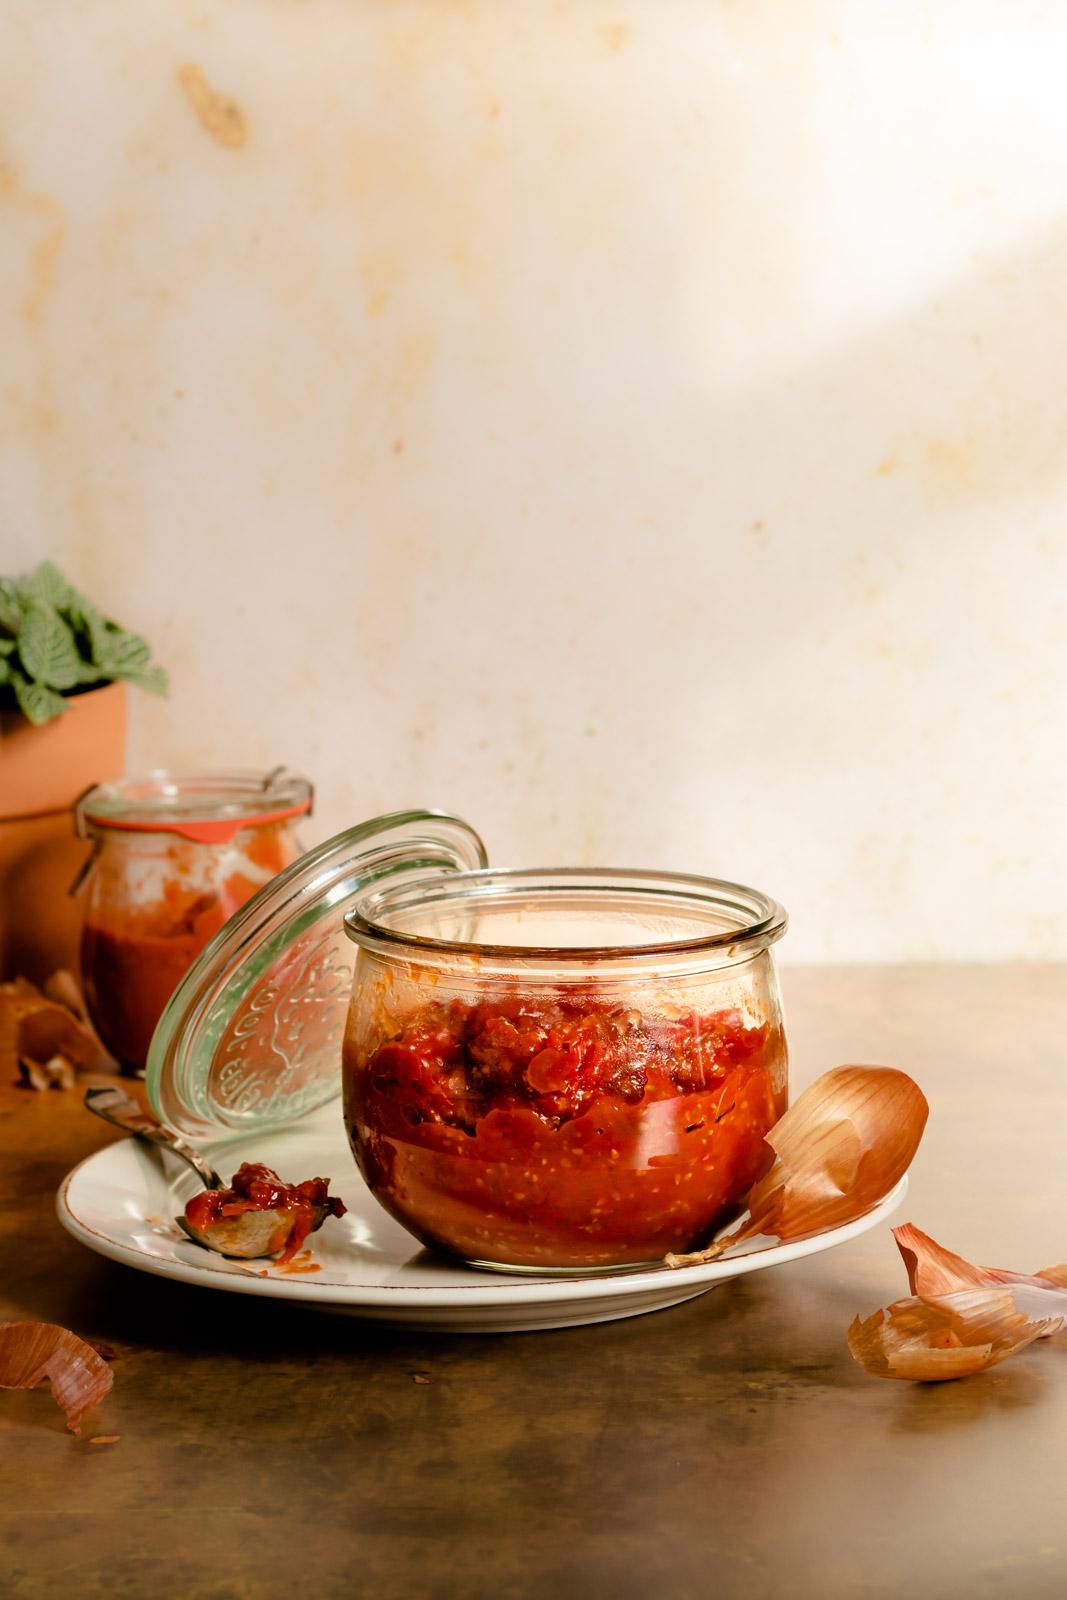 Cherry tomato harissa jam in a glass weck jar